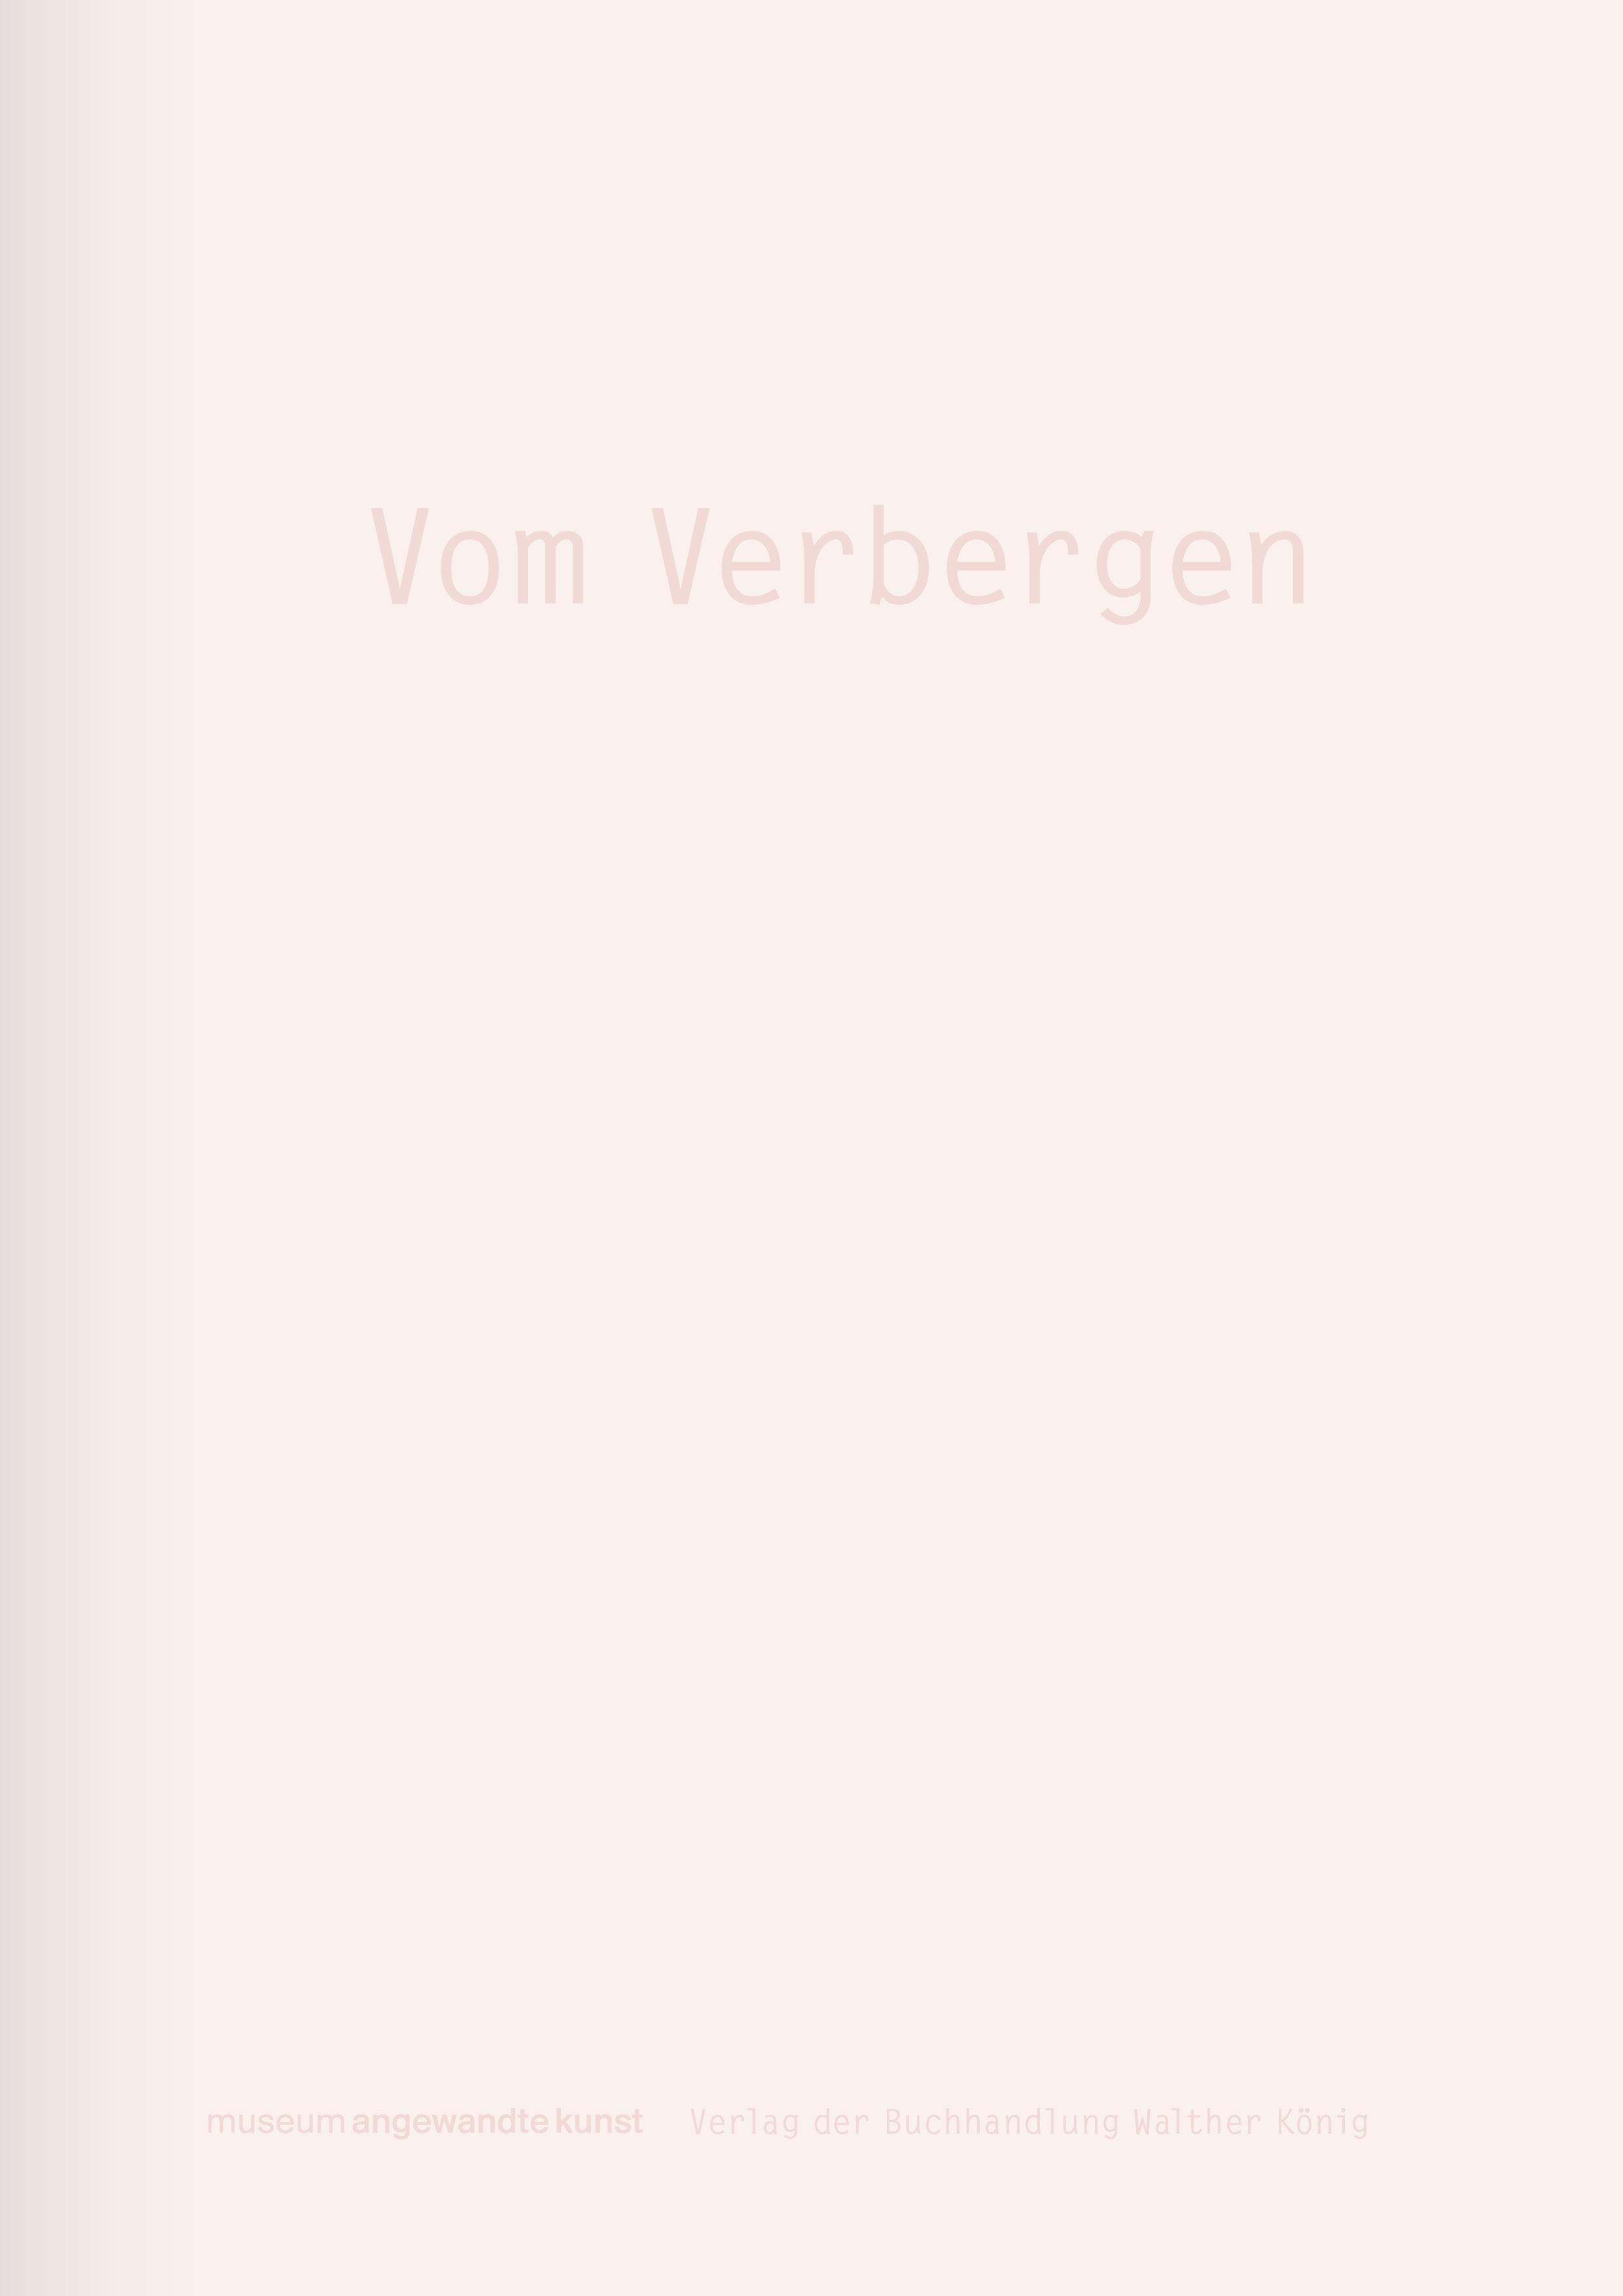 Vom-Verbergen-Matthias-Wagner-K